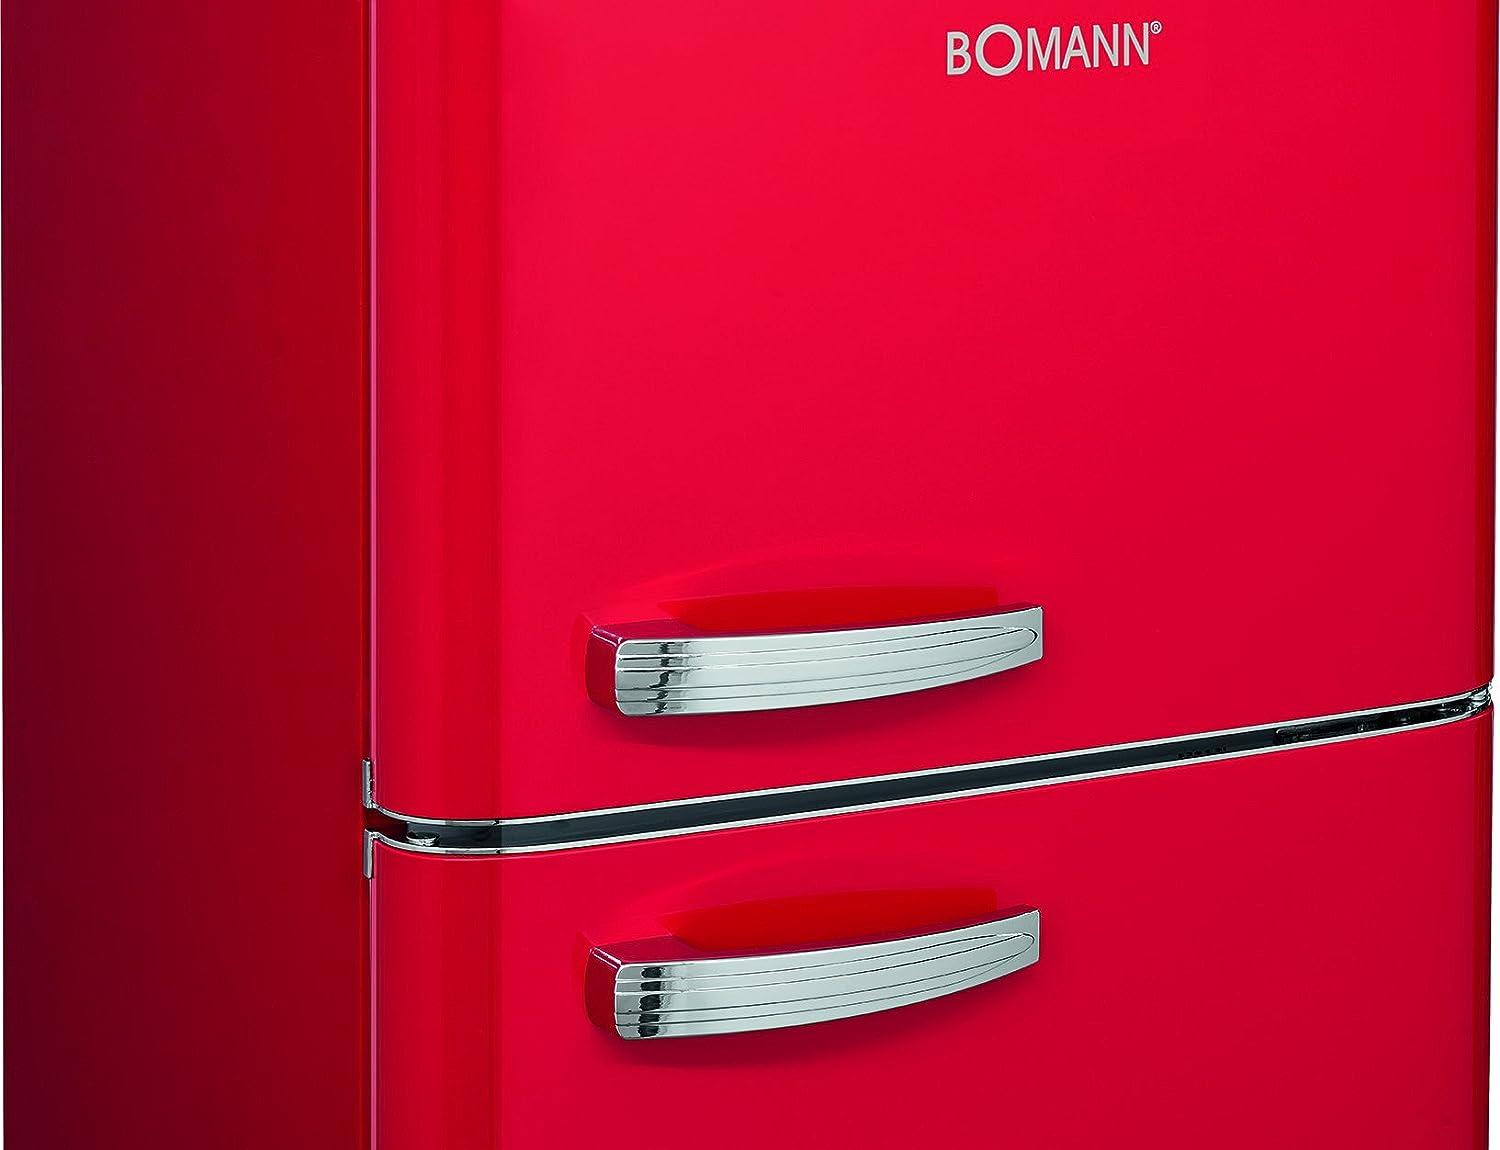 Bomann Kühlschrank Retro : Bomann dtr 353 doppeltür kühlschrank retro style eek a 208 l